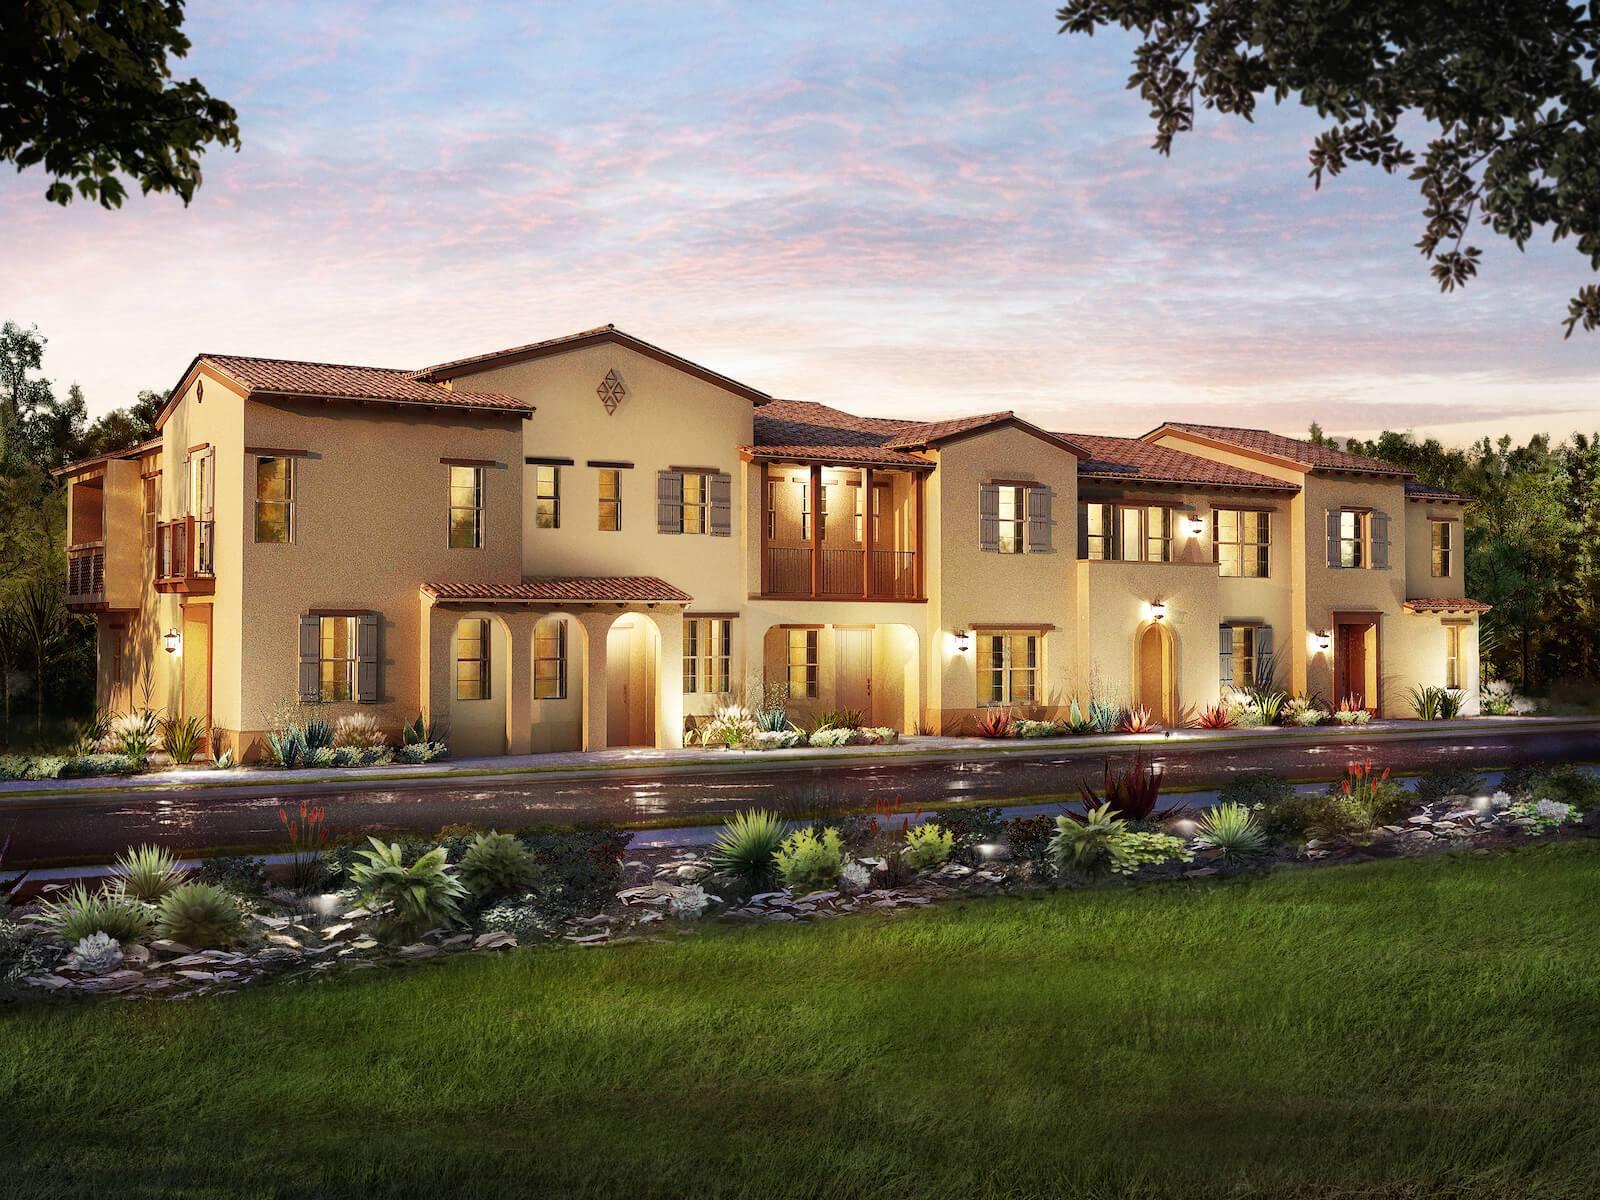 New Model Homes in Coto De Caza, CA | NewHomeSource